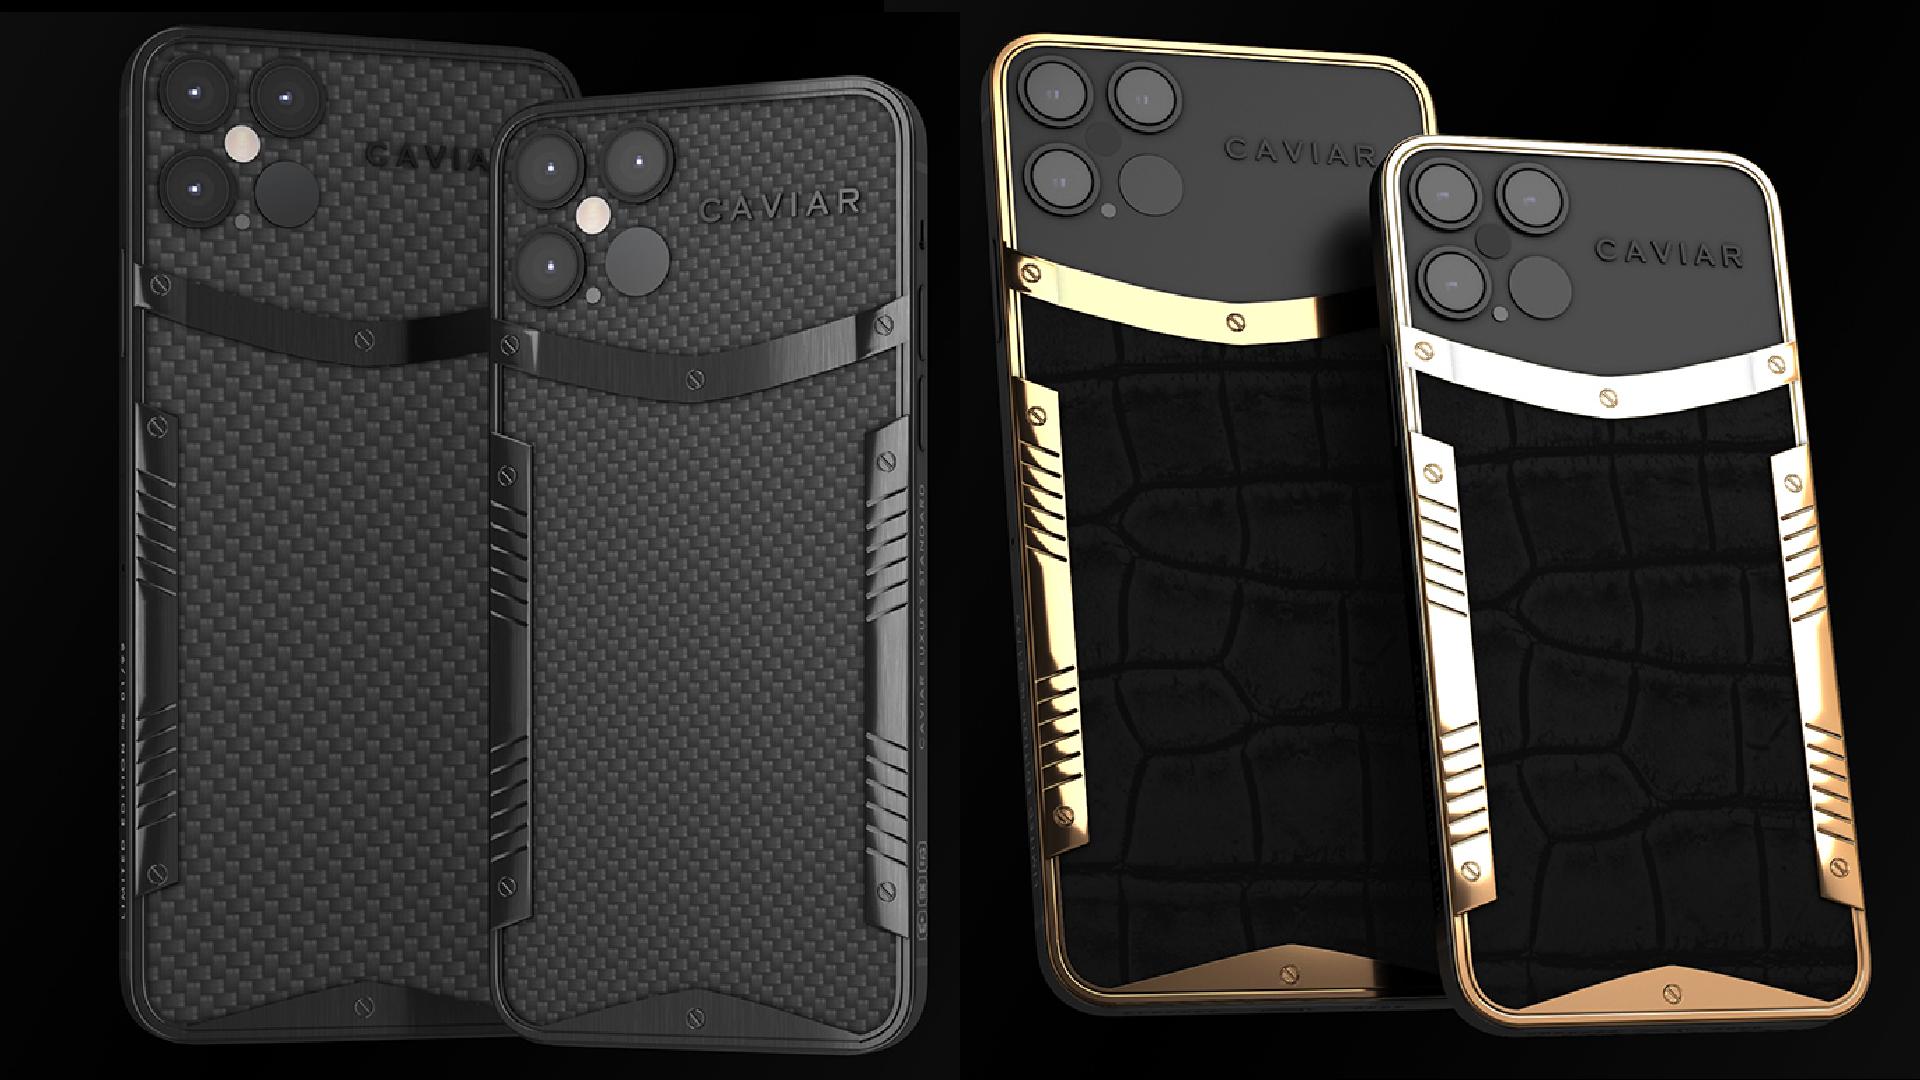 caviar iphone 12 pro